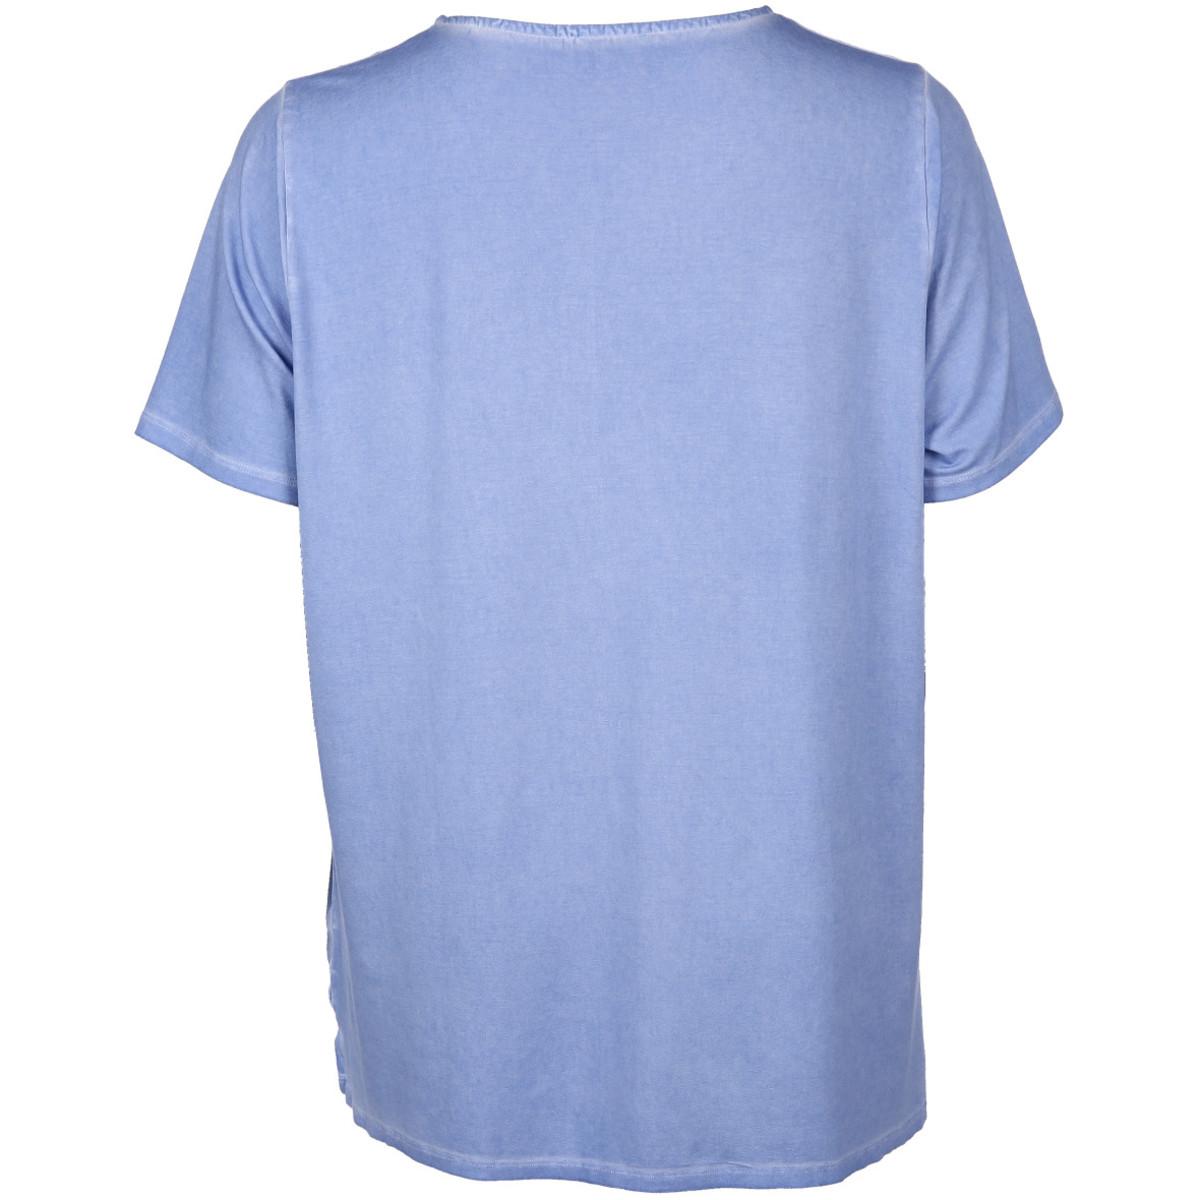 Bild 2 von Große Größen Shirt mit Ziernieten